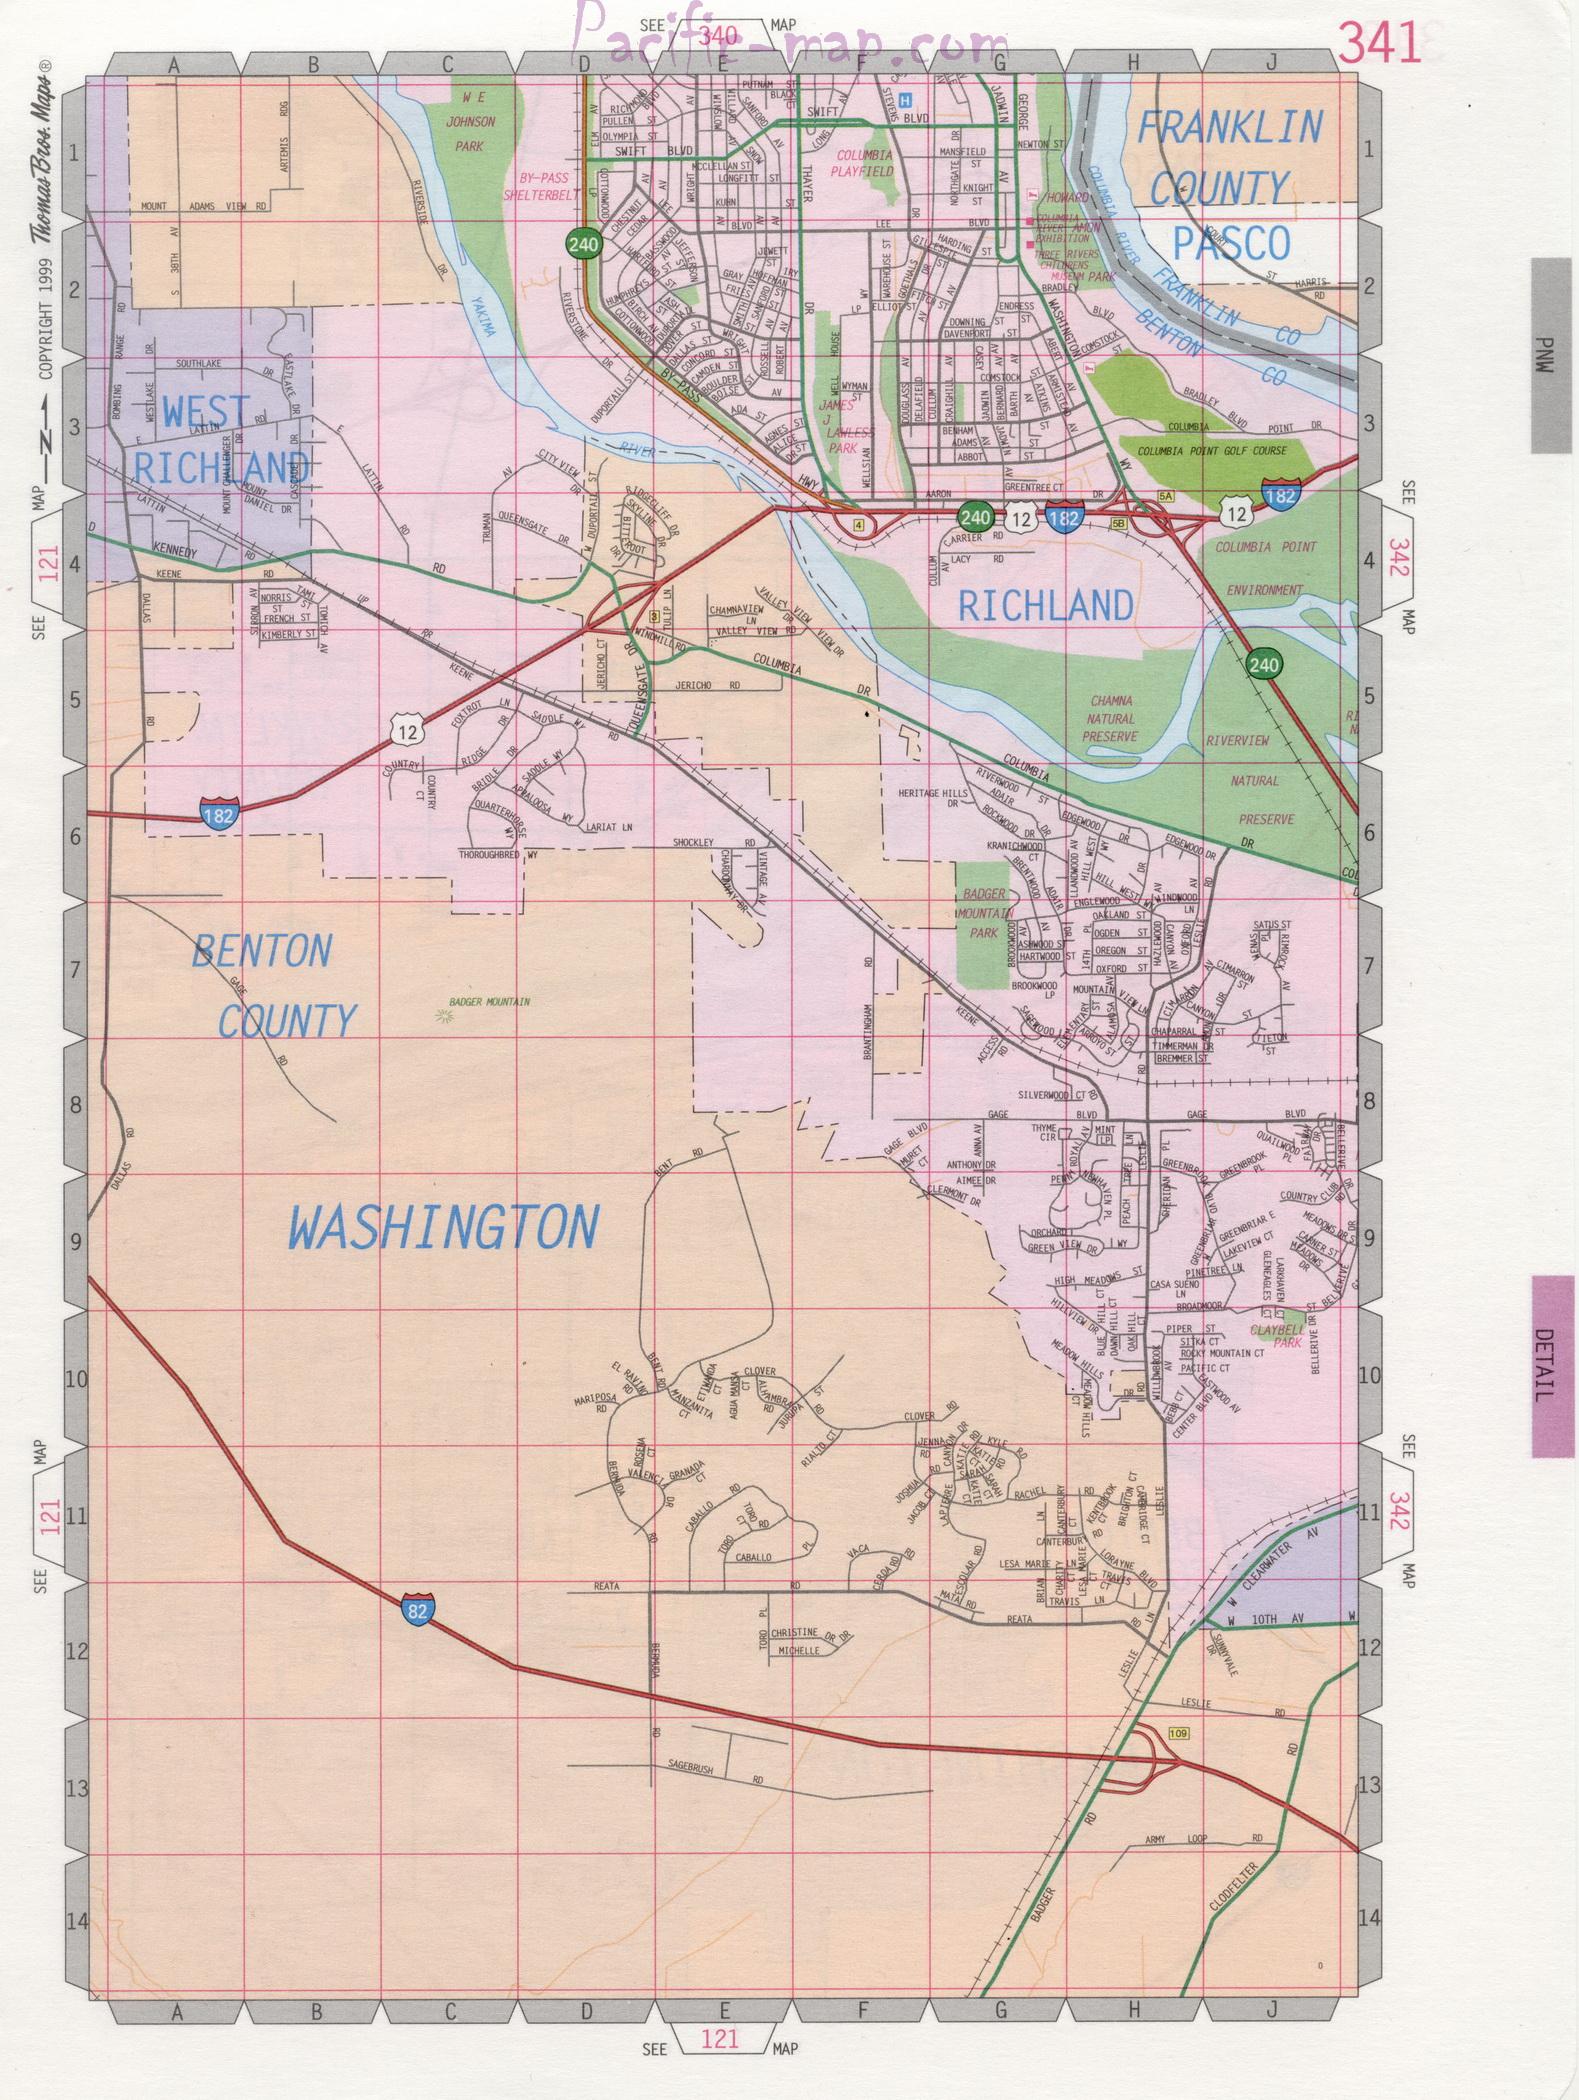 Richland WA road map